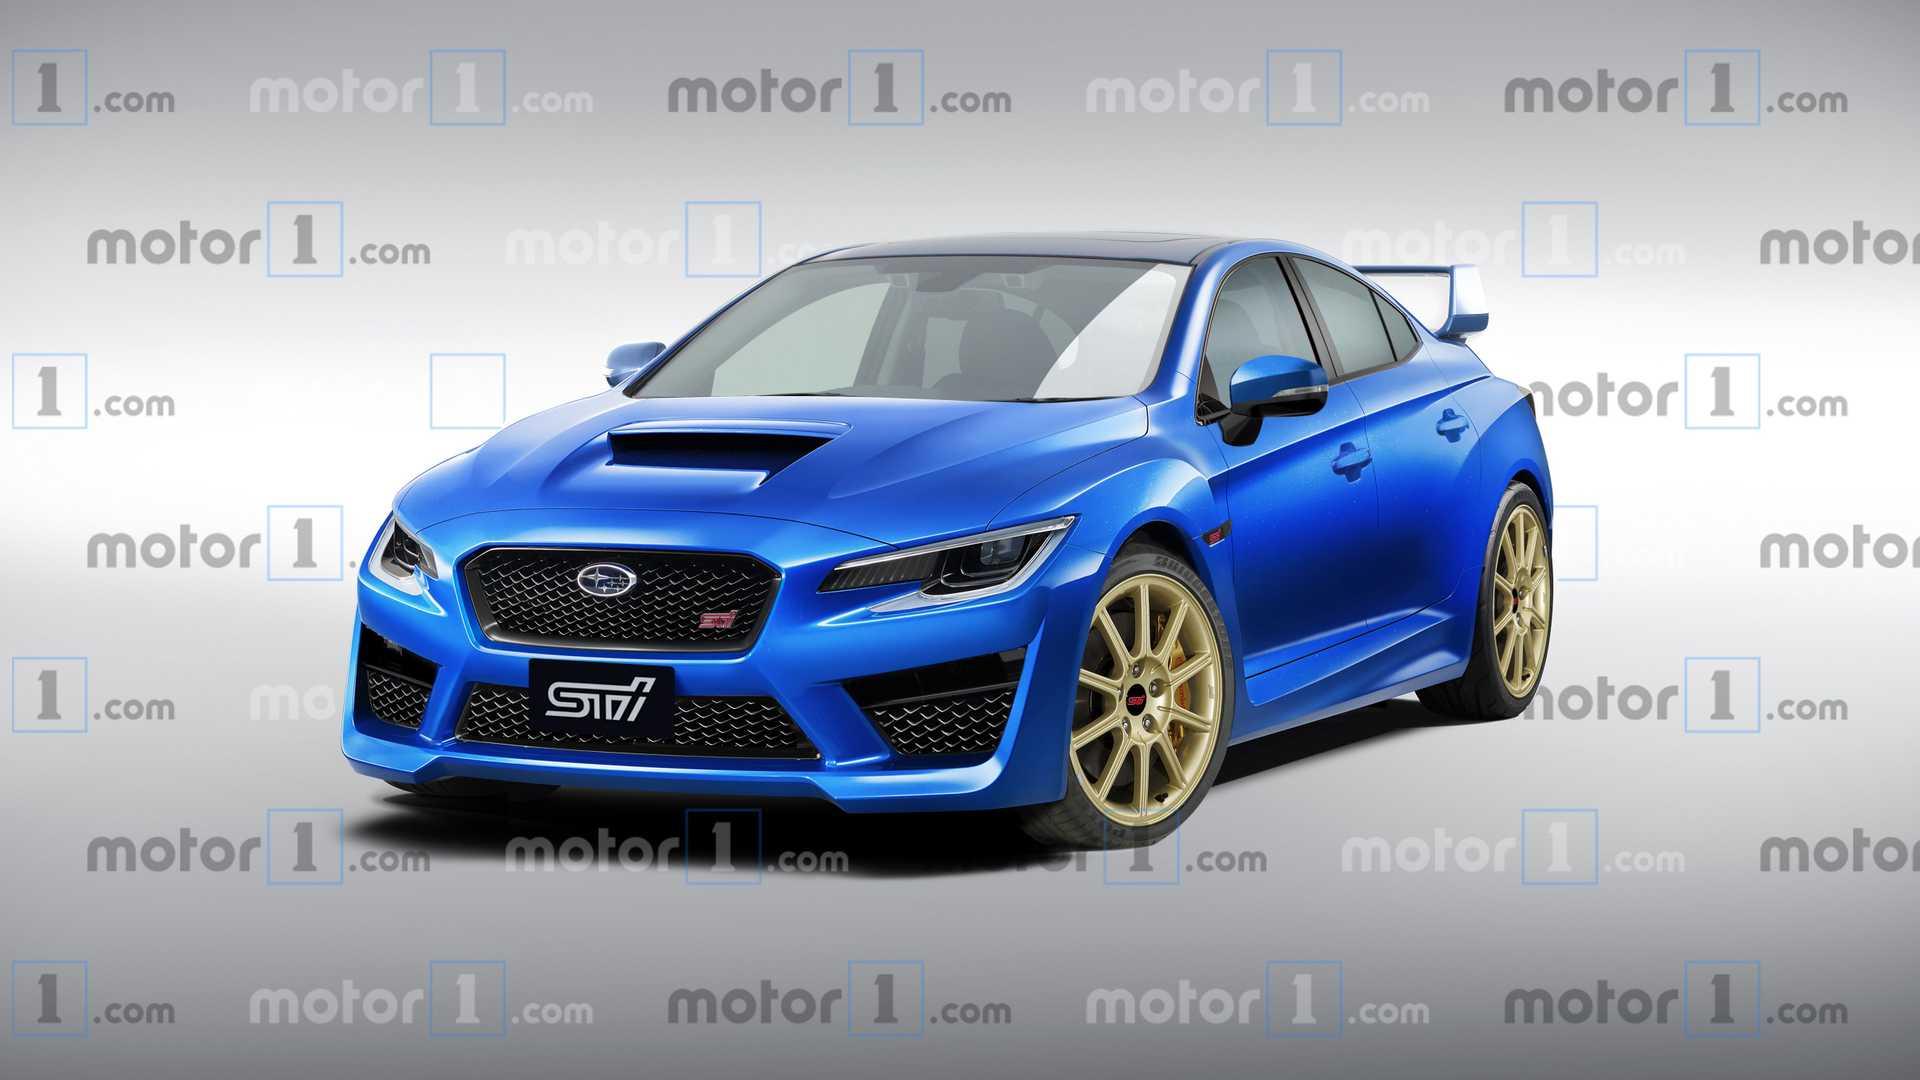 11 Concept of Subaru Wrx 2020 Photos by Subaru Wrx 2020